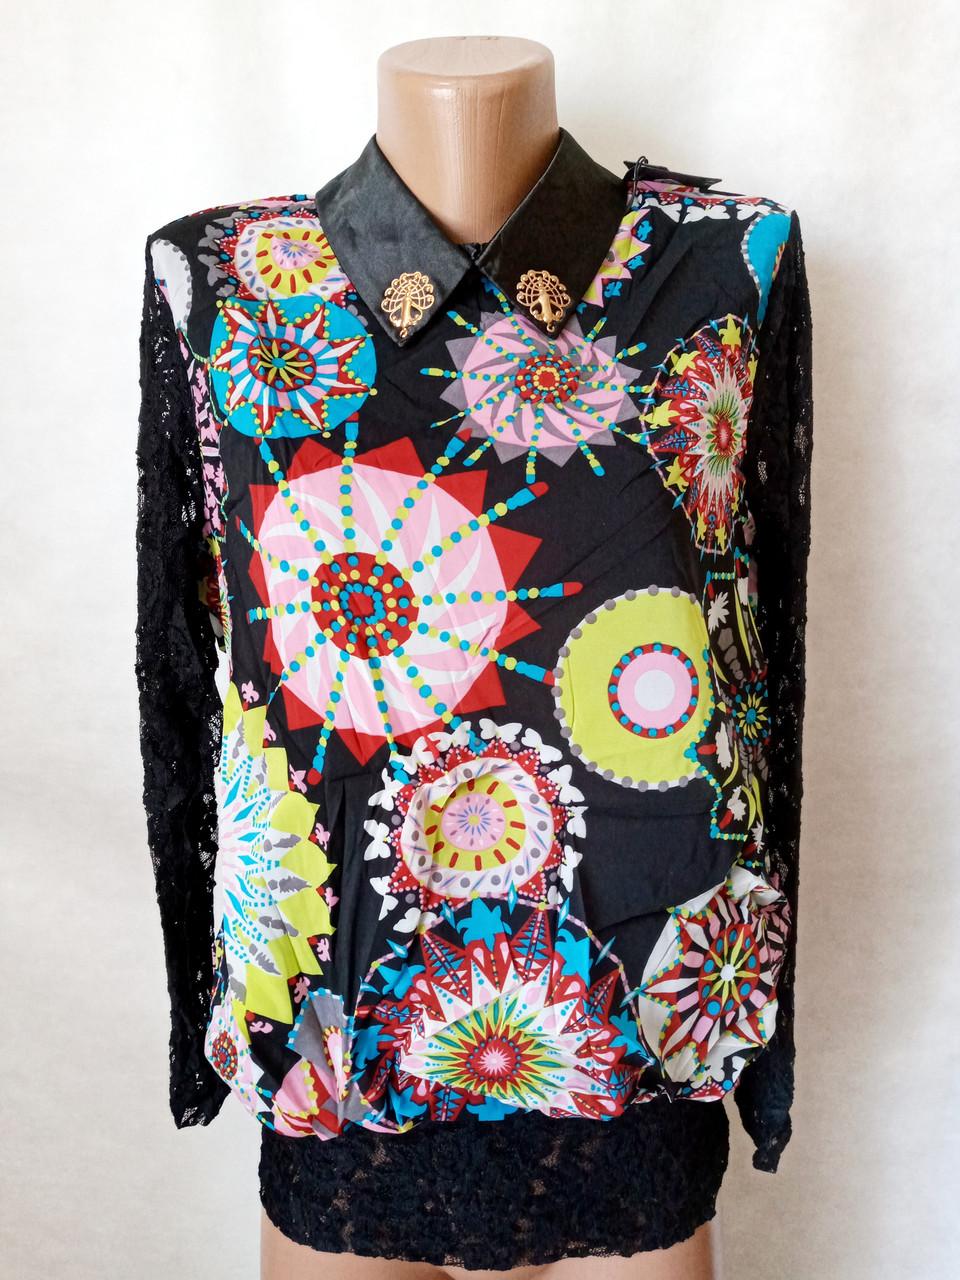 Блузы женские шифоновые №601. Размер 42,44,46,48.Цвета разные.. От 16шт по 10грн.